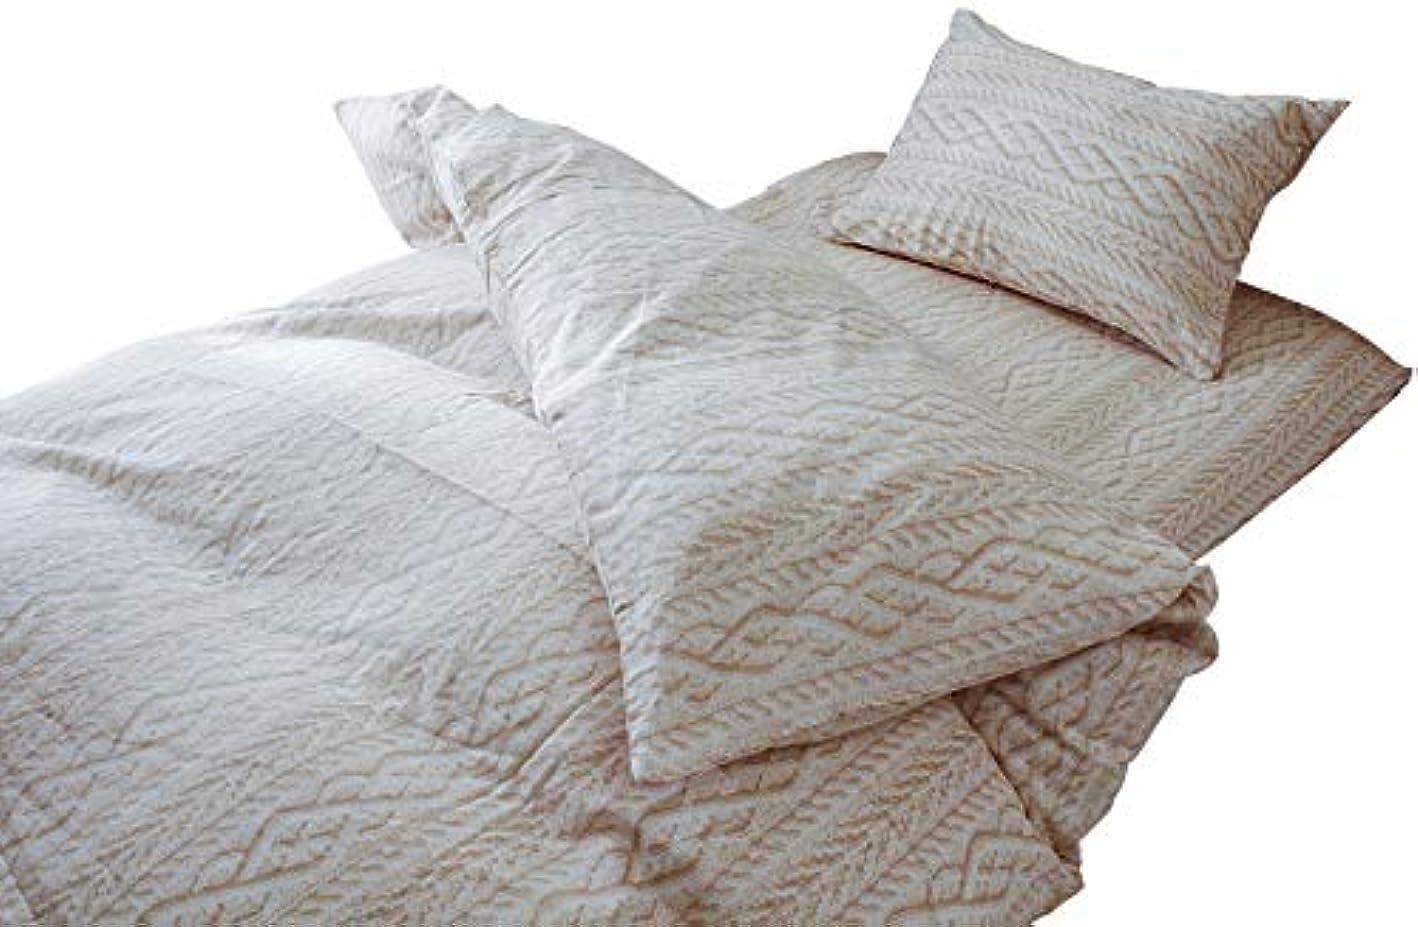 スプーン正確ないろいろ日本製 ふわふわ アラン シフォンガーゼ カバー カバーリングセット 3点セット 掛け布団カバー 敷き布団カバー 枕カバー シングルロングサイズ (ホワイト)